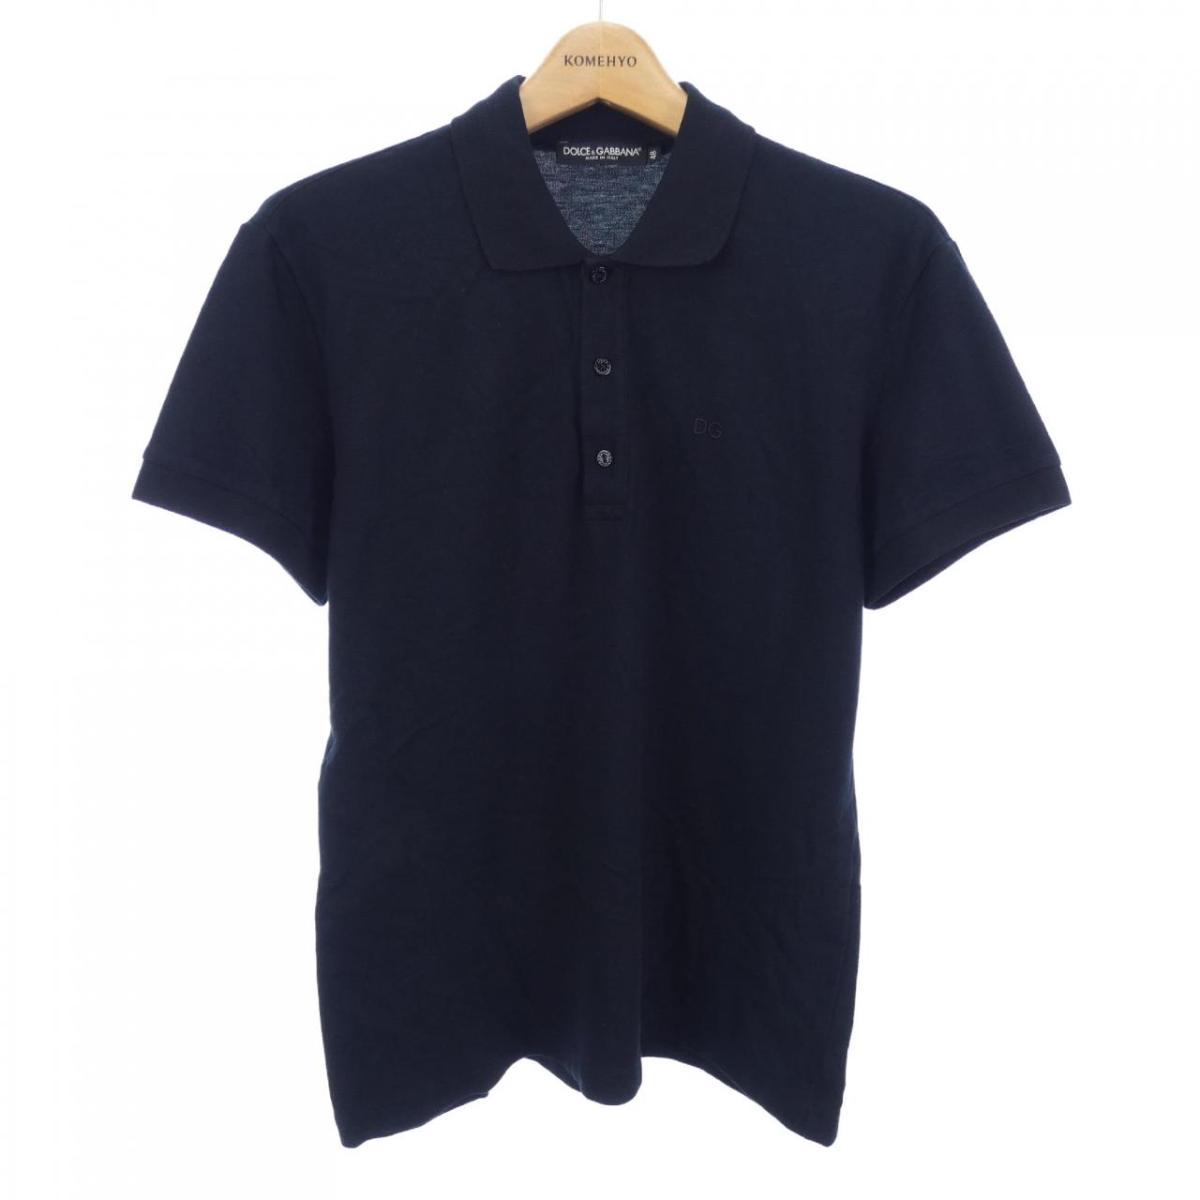 特別オファー ドルチェアンドガッバーナ DOLCE&GABBANA ポロシャツ【】, 南串山町 122a3554